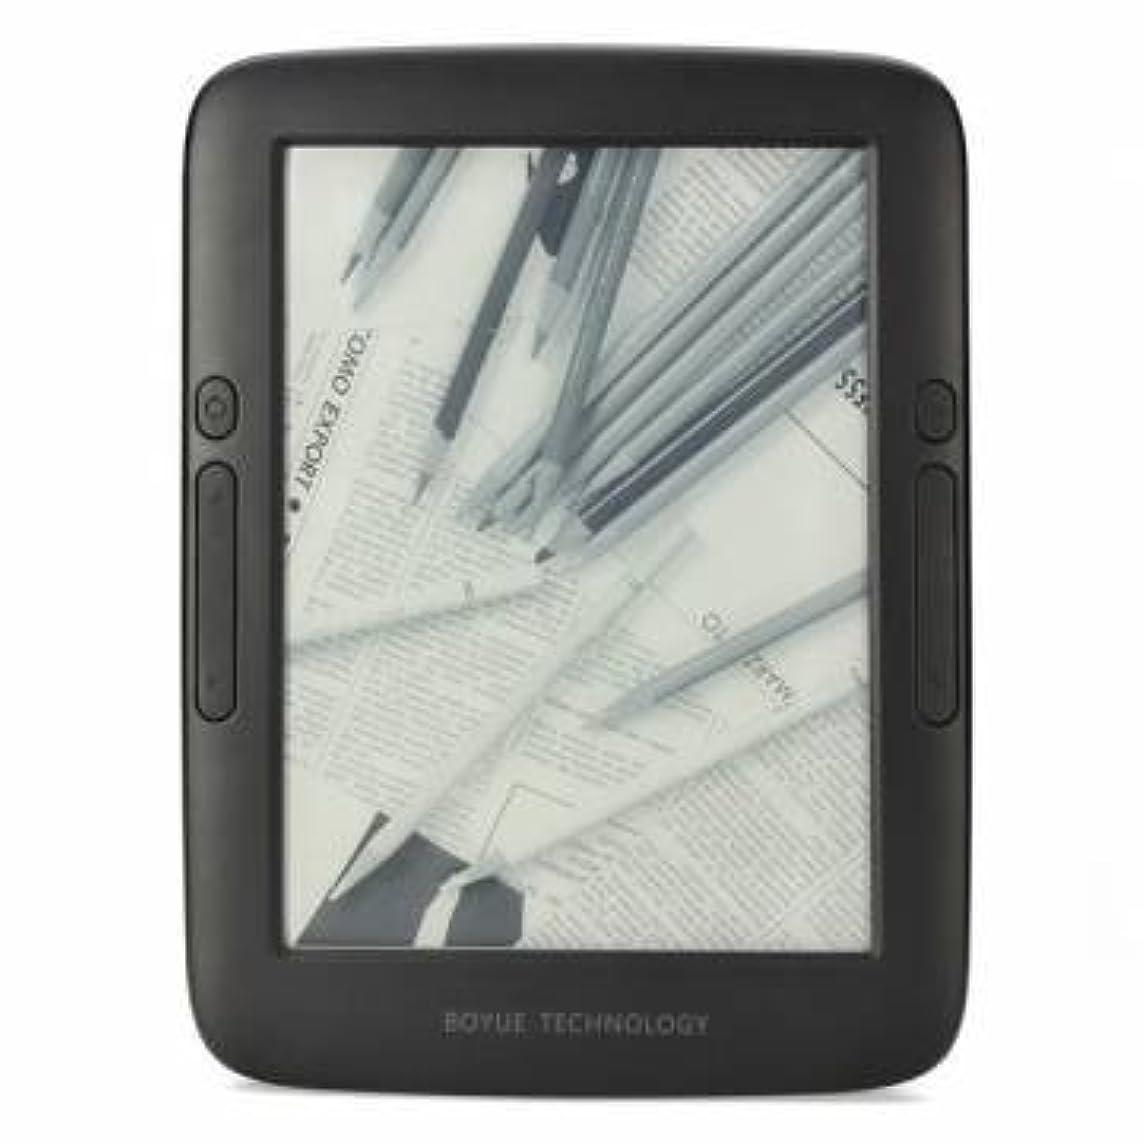 編集する大西洋アジテーションソニー 電子書籍リーダー Reader 6型 3G+Wi-Fiモデル ホワイト PRS-G1/W